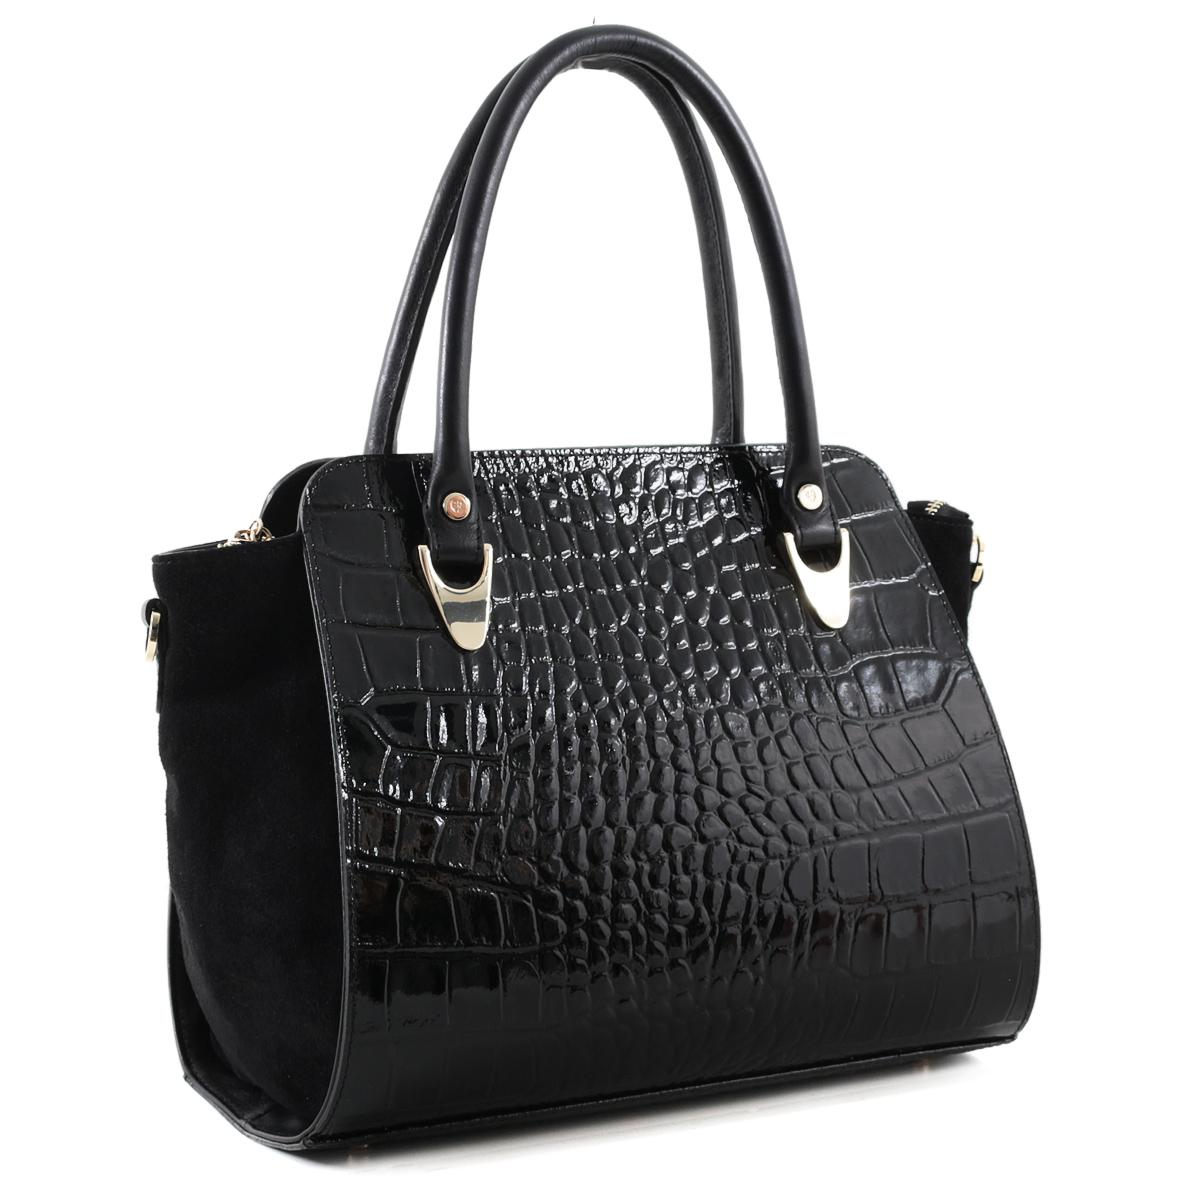 Сумка женская 2856 FIATO крокодил верос /замша черный2856 _черныйРазмеры сумки: 31 х 23 х 16 см.